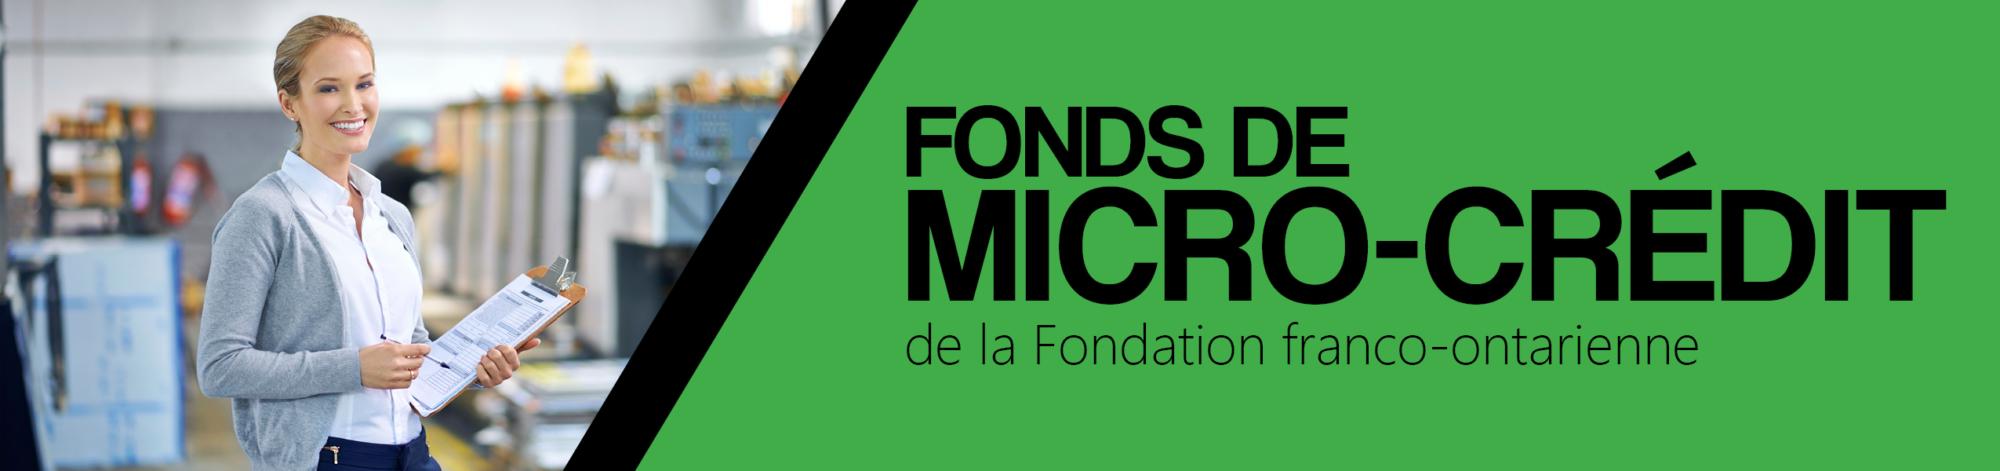 Fonds de micro-crédit